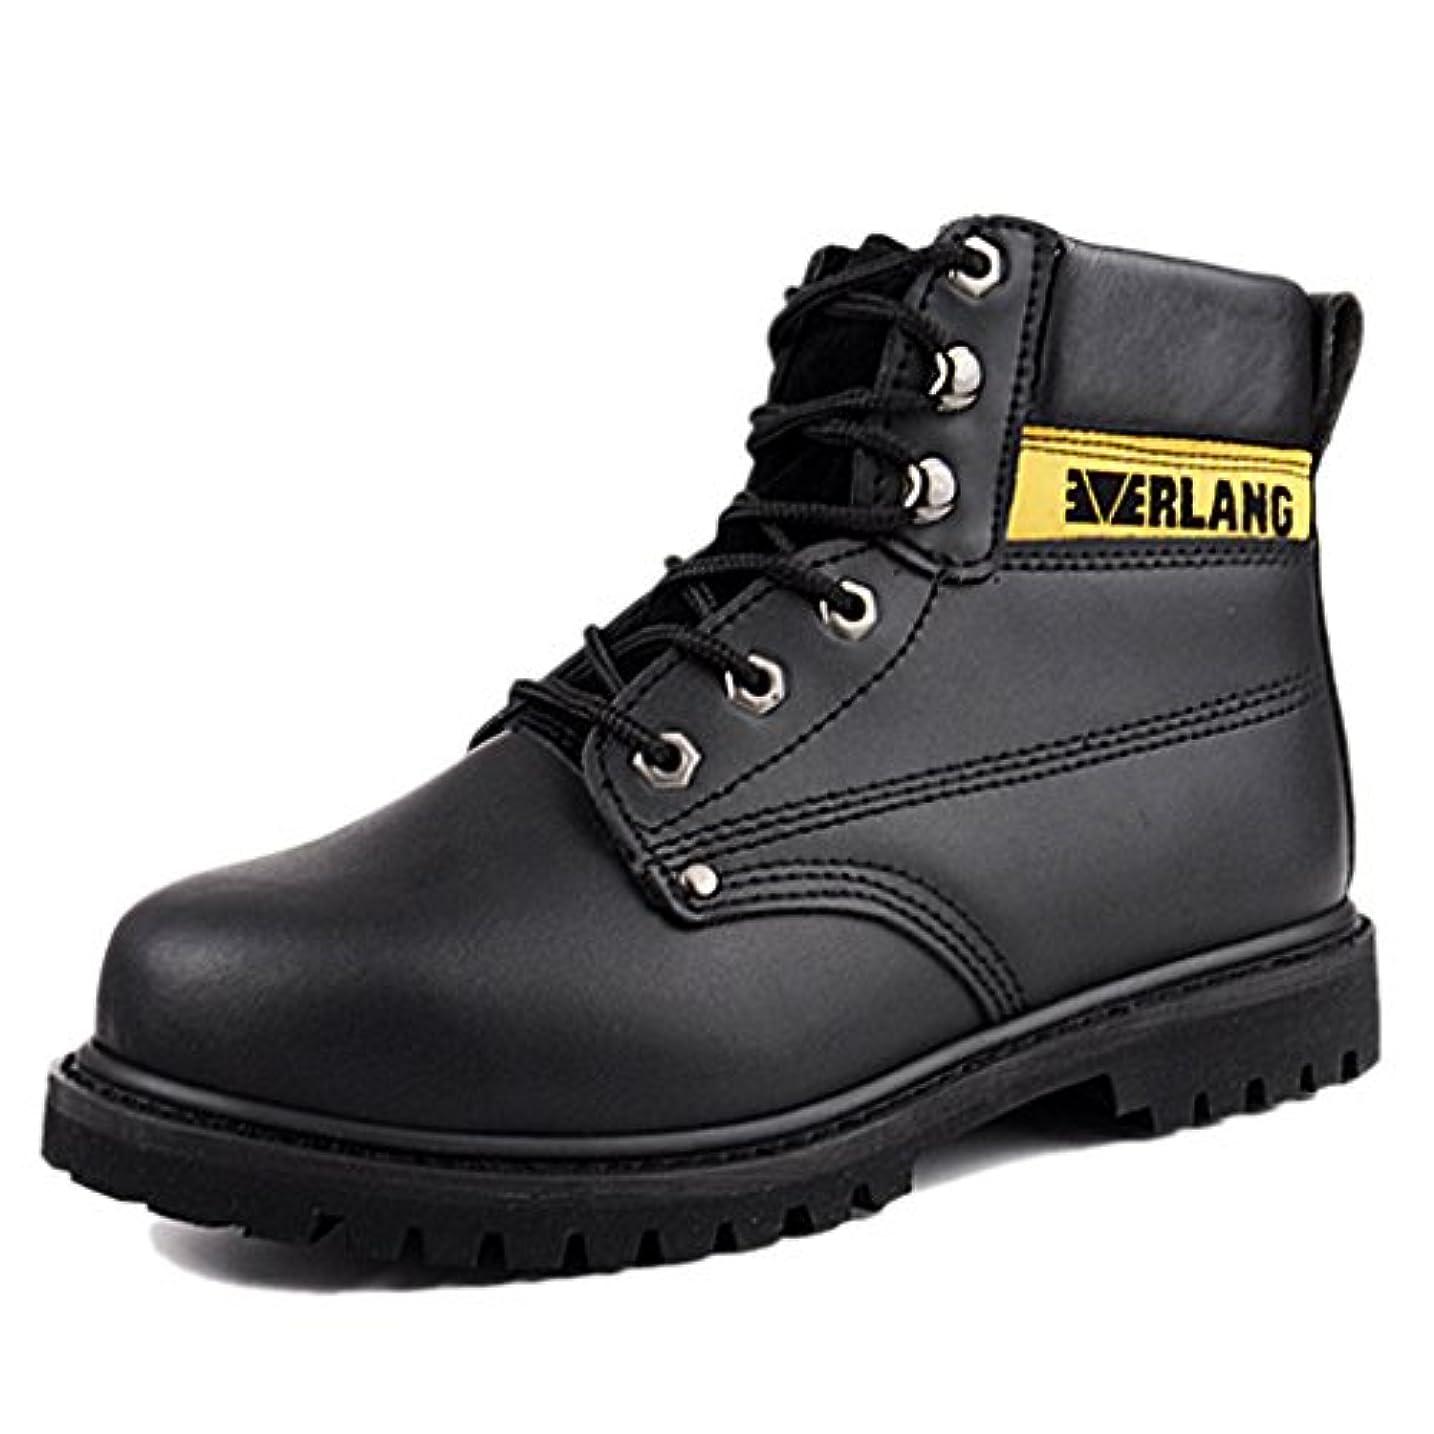 異常な意気消沈した間違いなく[Placck安全] 作業靴 安全靴 中編上 マーティン ブーツ オートバイ靴 防滑 防水